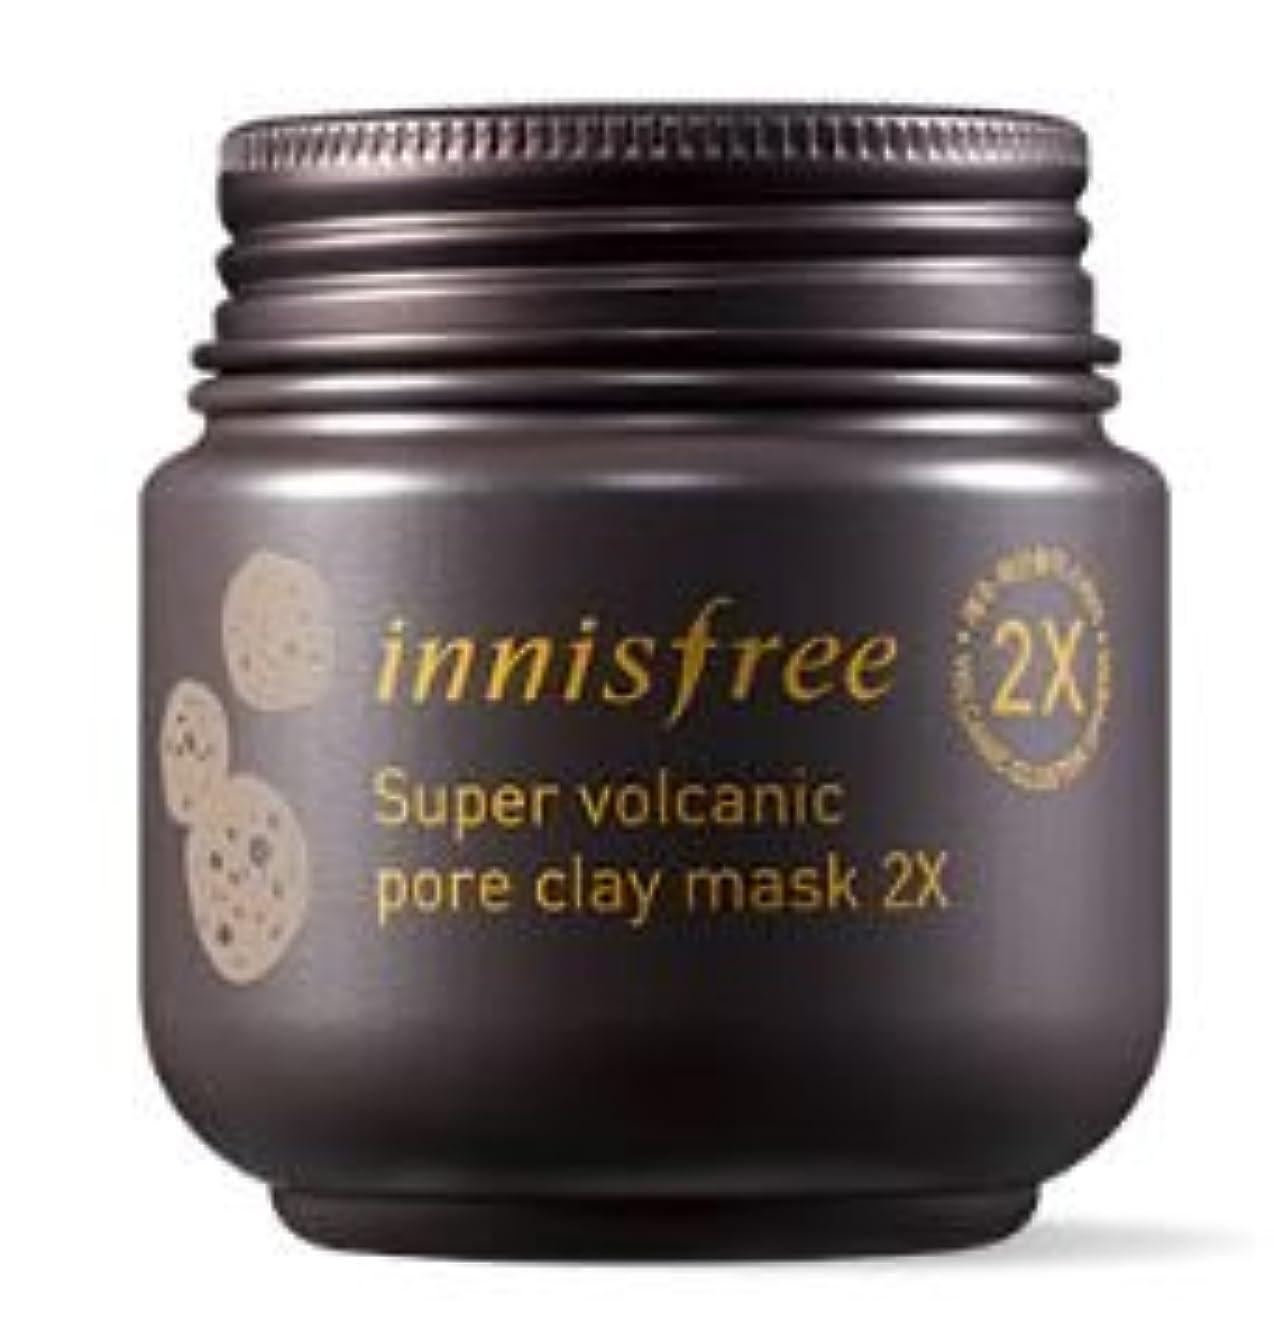 購入版環境保護主義者★NEW★[innisfree] Super Volcanic Pore Clay Mask 2x 100ml [並行輸入品]